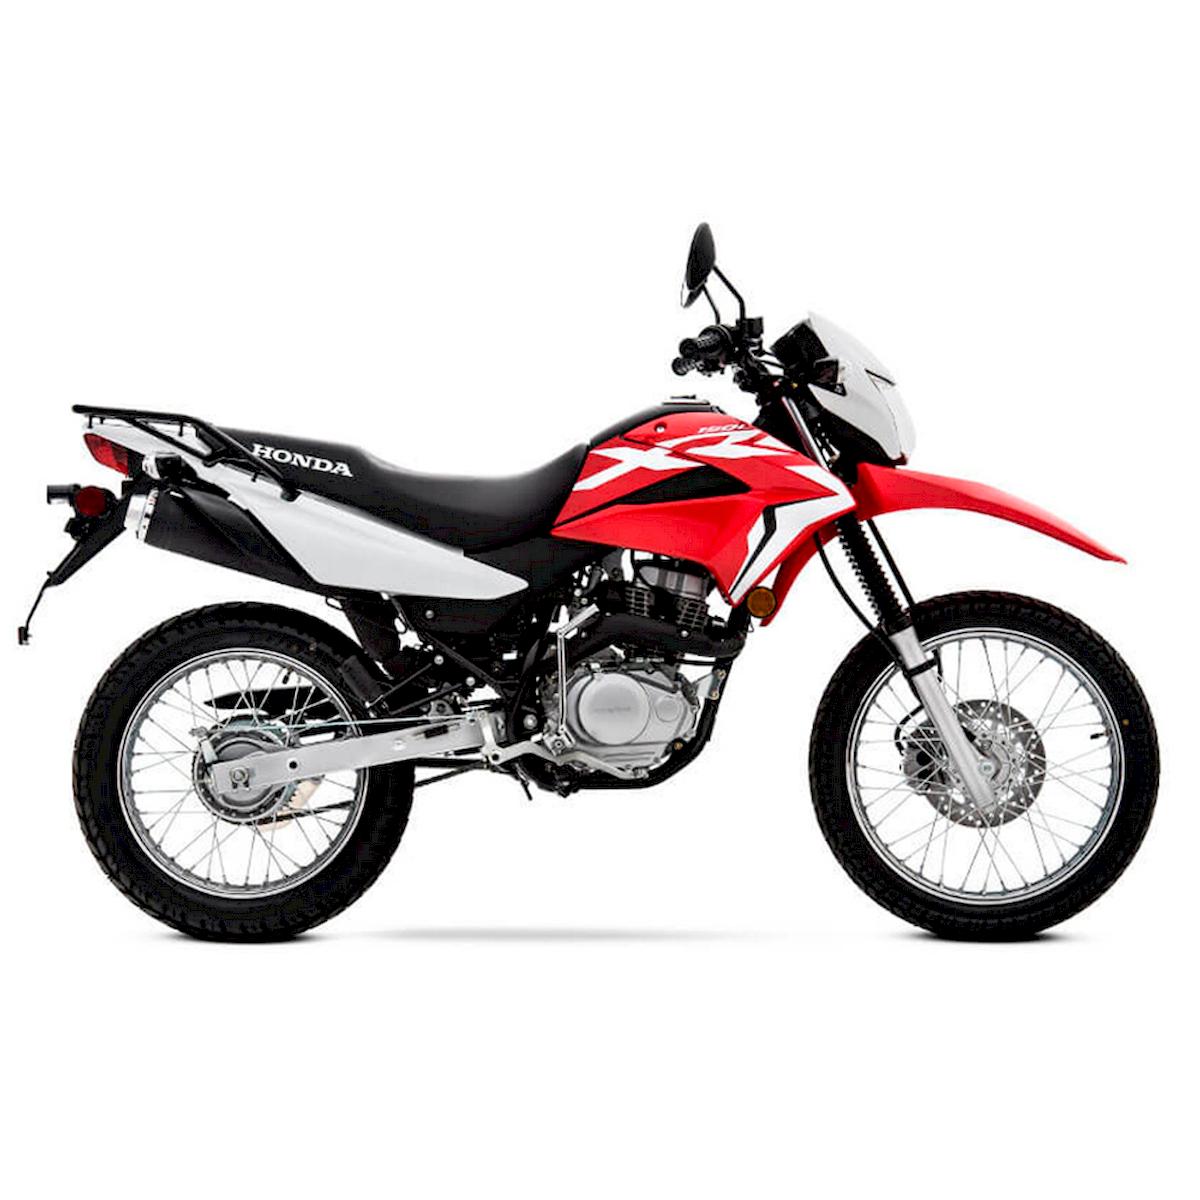 Image of HONDA XR 150